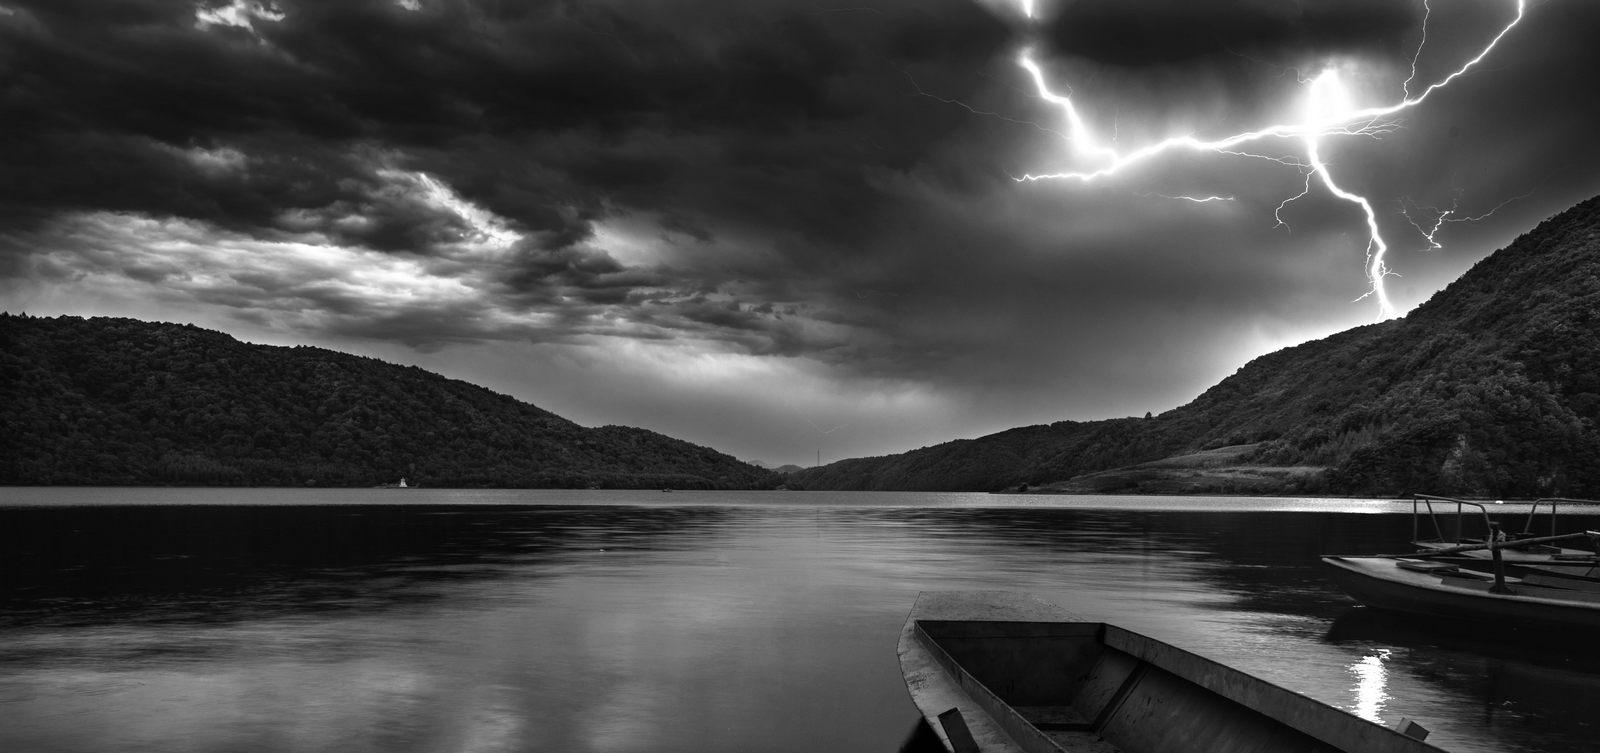 山海原野作品:平静的湖,不平静的天